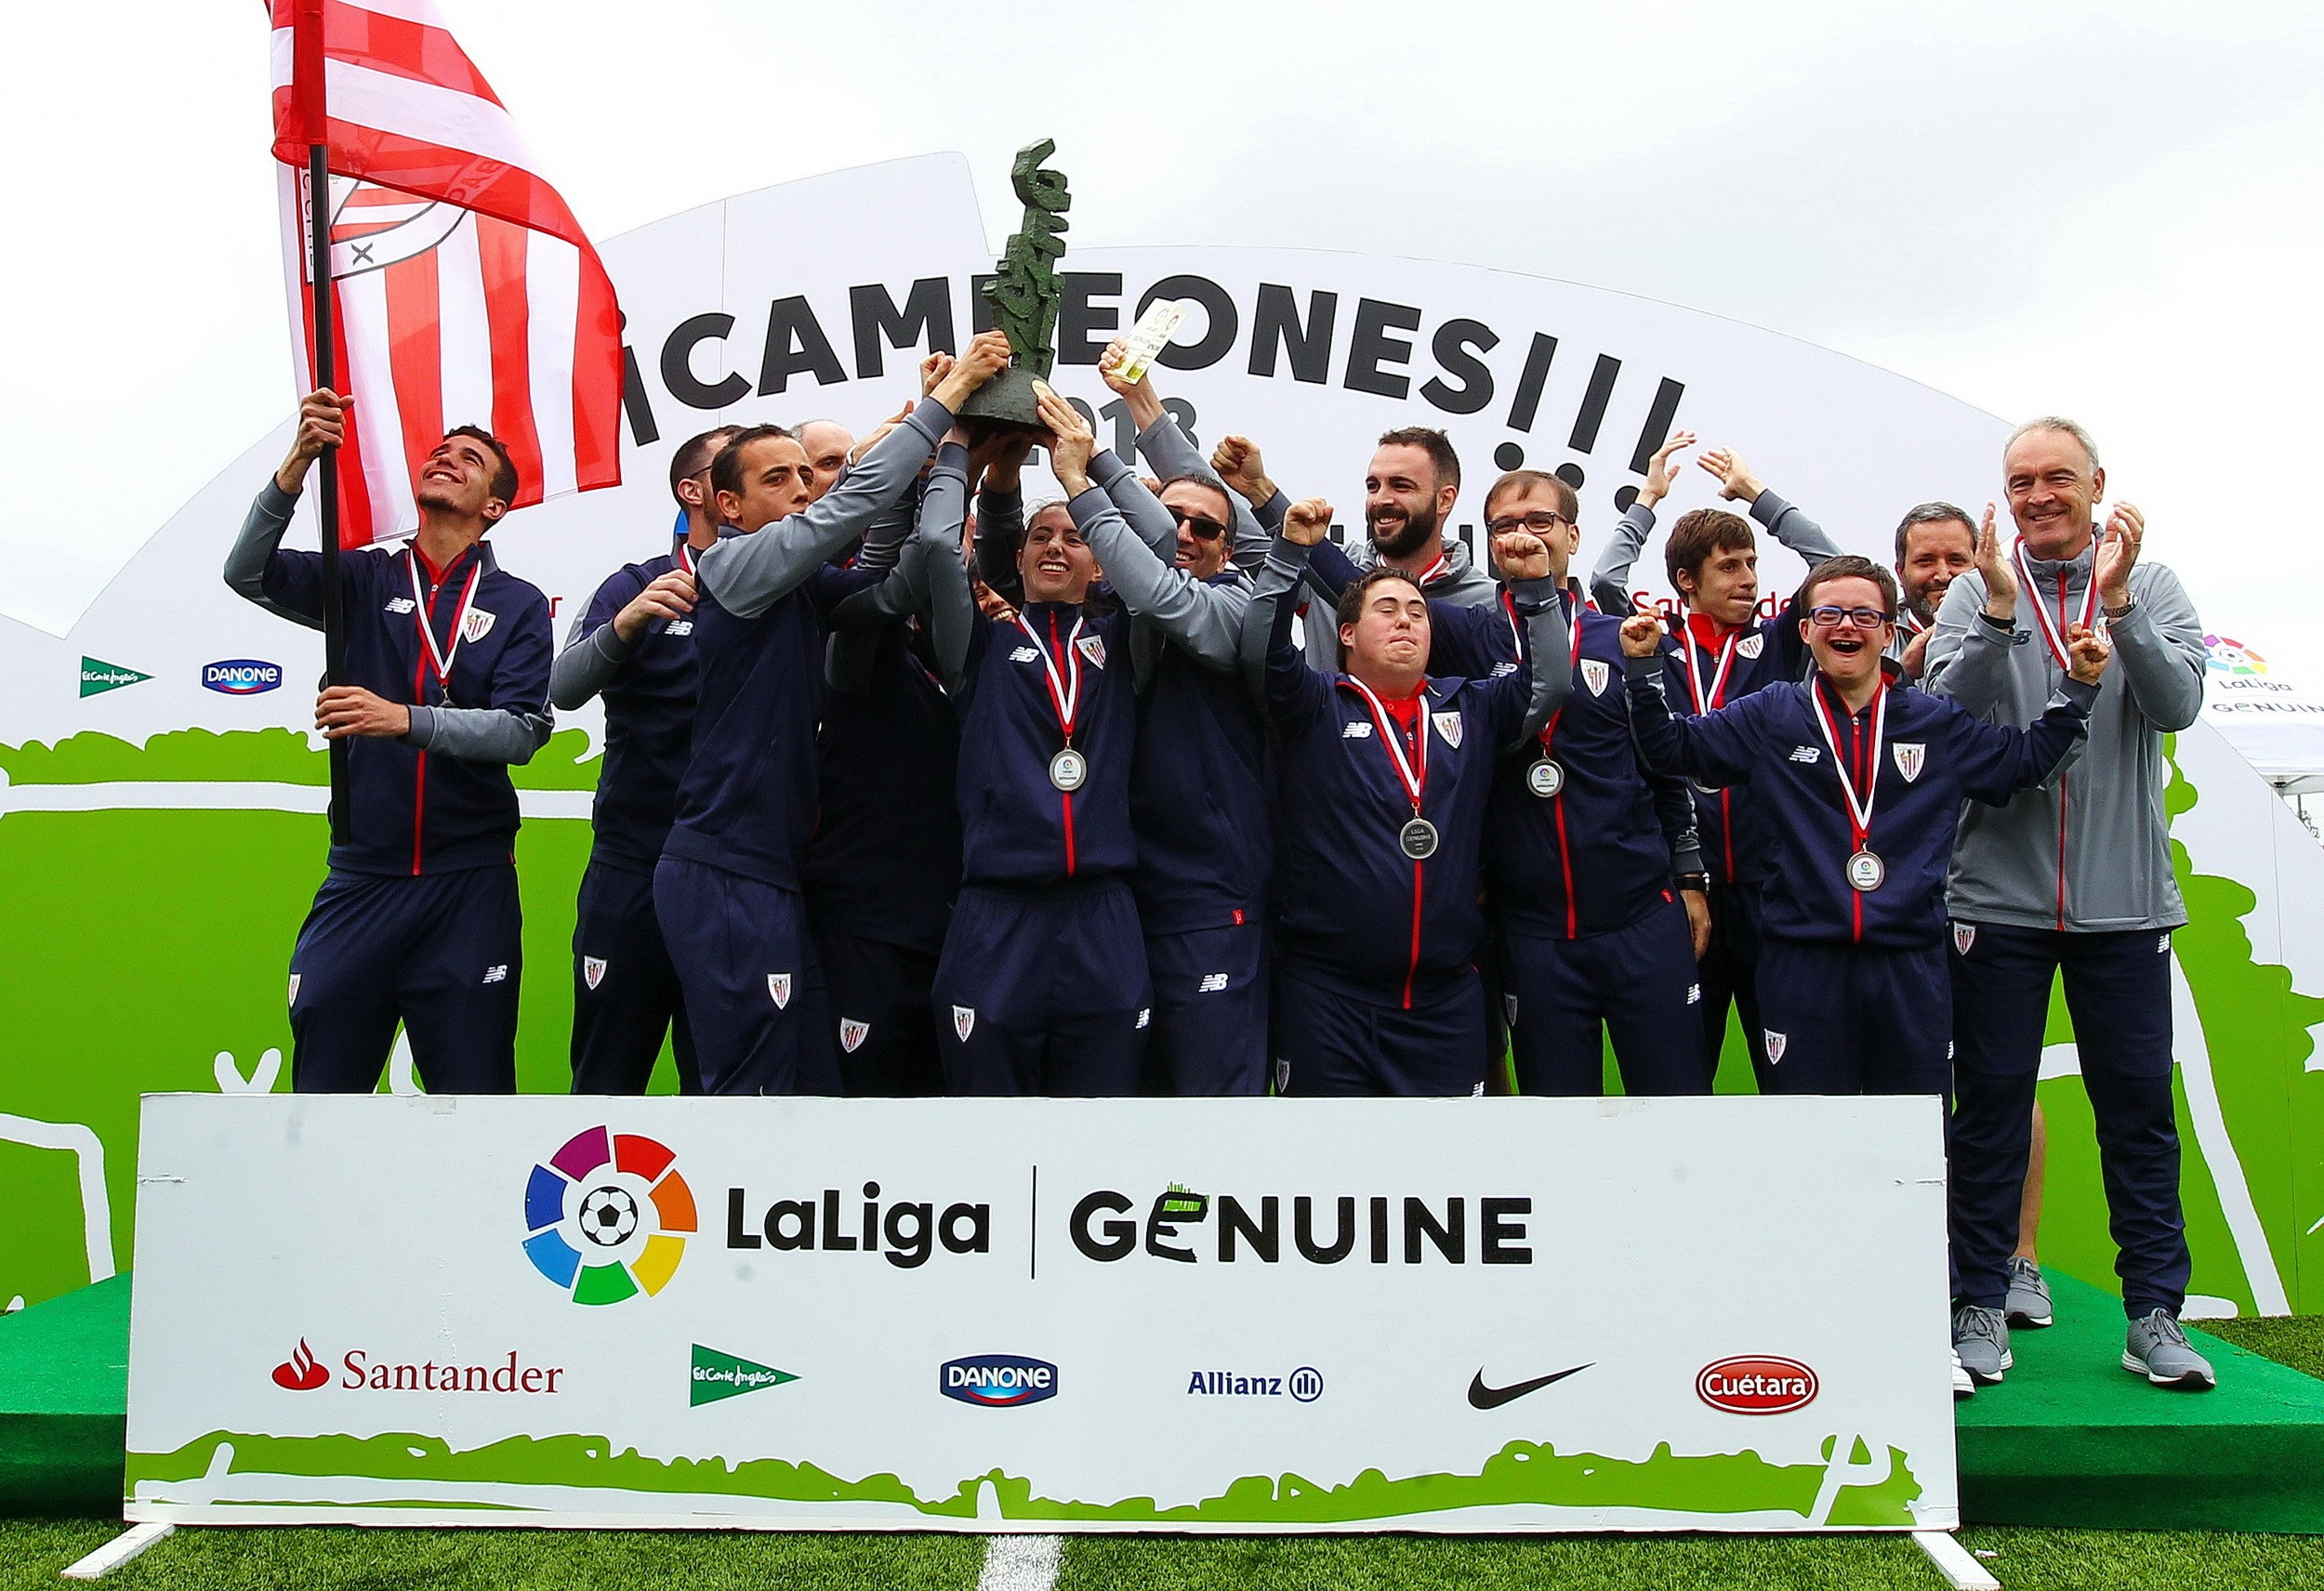 西班牙足球甲级联赛积分榜_法国足球甲级联赛_西班牙足球甲级联赛  张乐